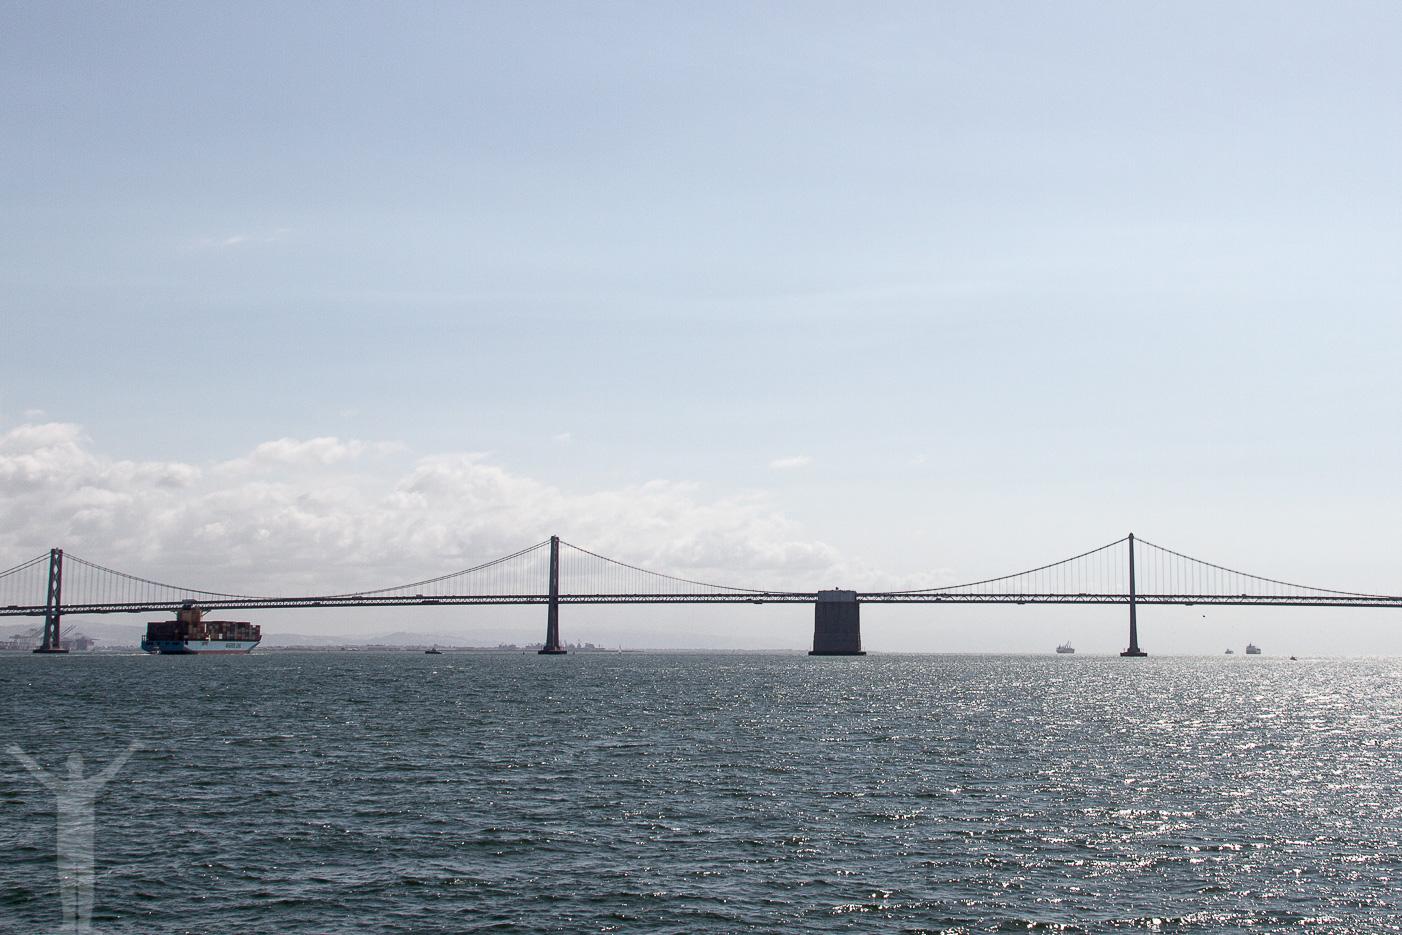 Vi har lämnat Pier 33 och ser Oakland Bay Bridge